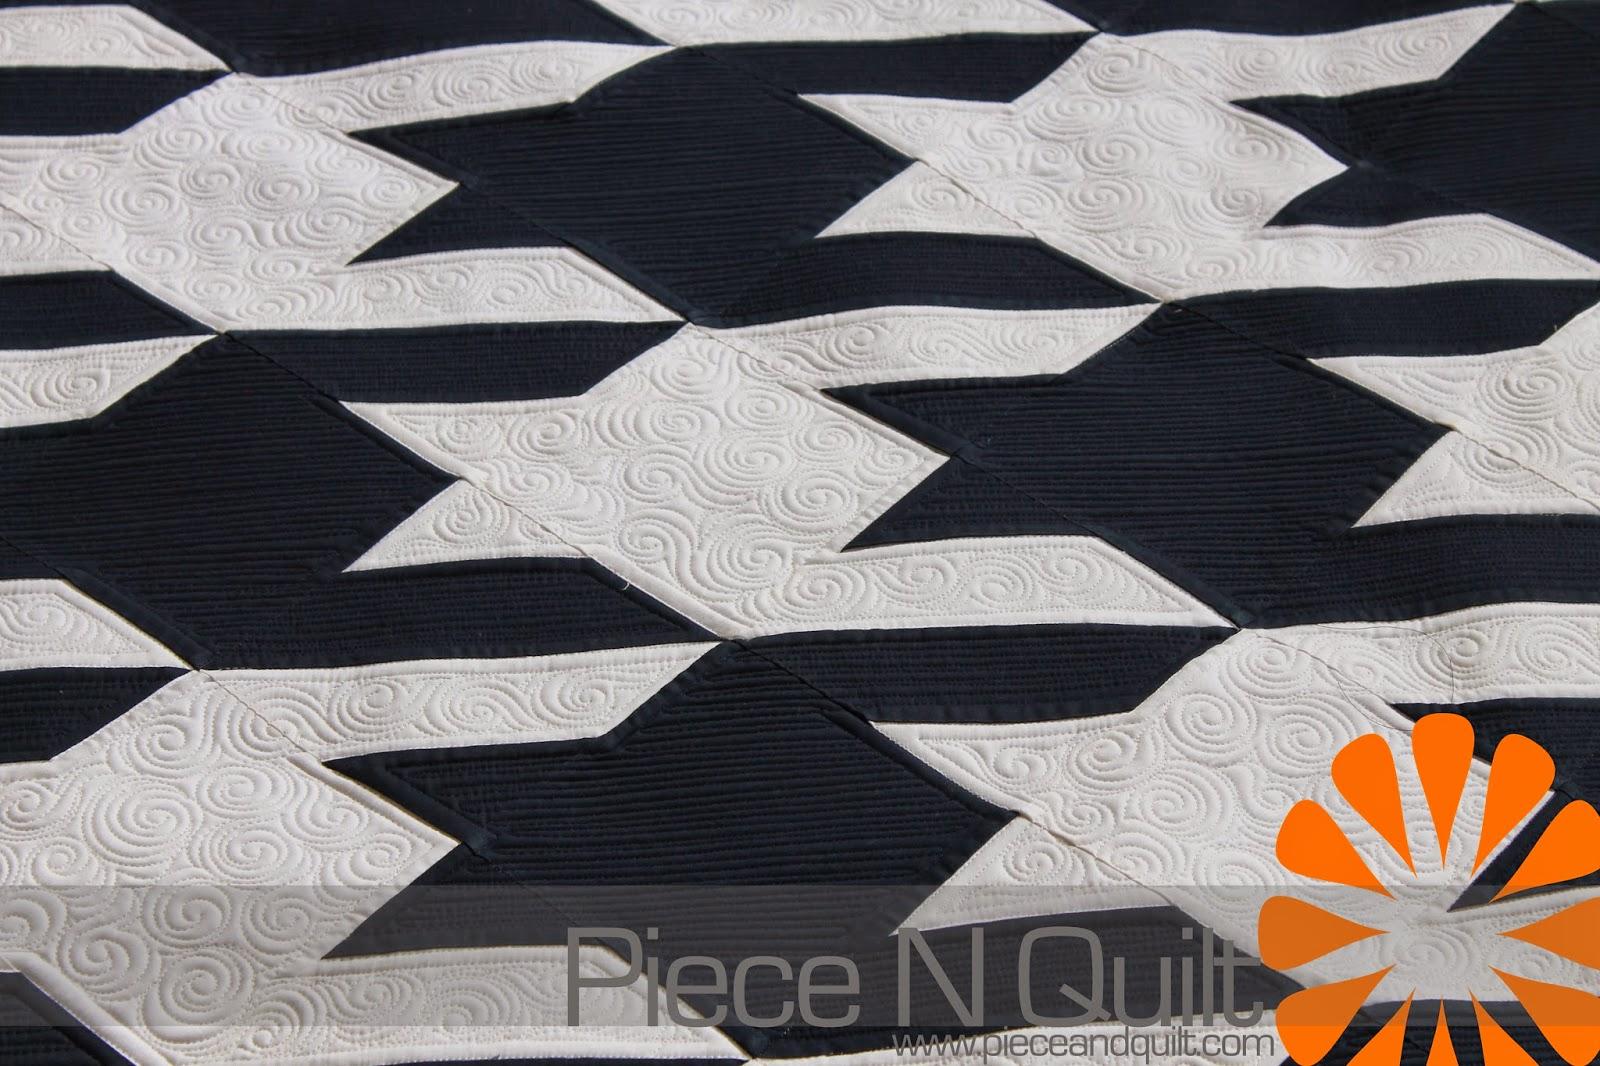 Piece N Quilt: Houndstooth Quilt - Custom Machine Quilting : piece n quilt - Adamdwight.com